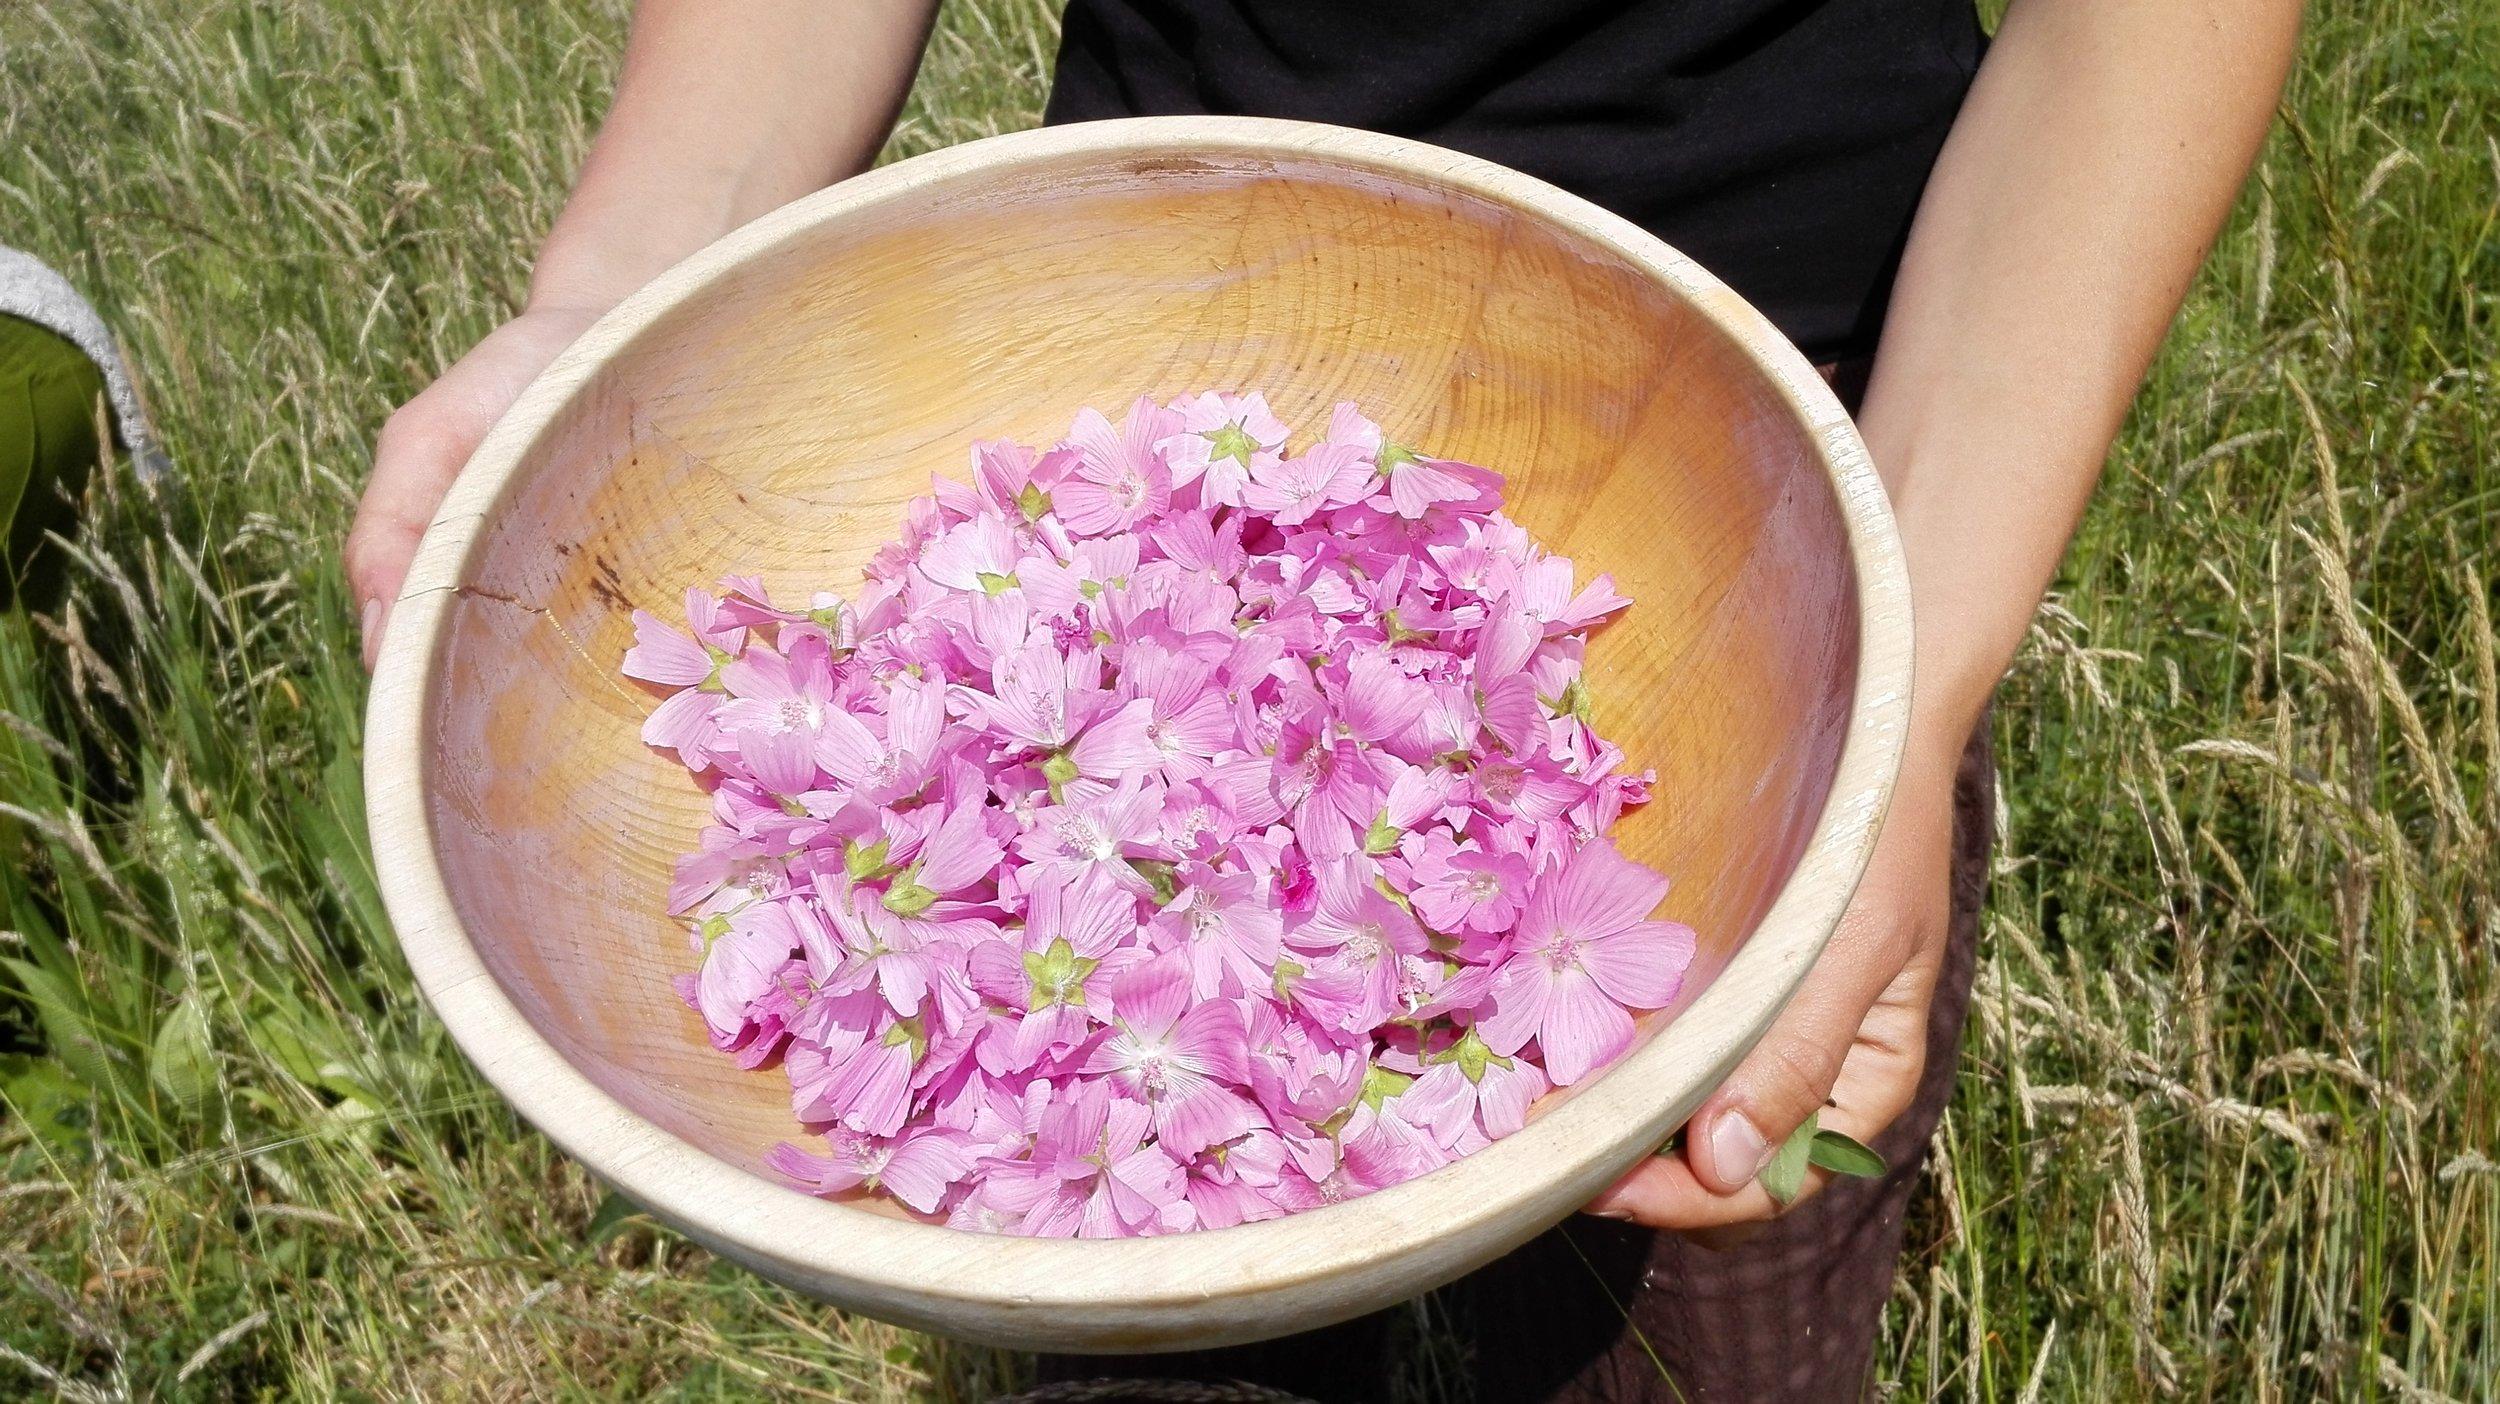 (Muskus)kaasjeskruid bloemen geplukt door cursisten op forest to plate activiteit.